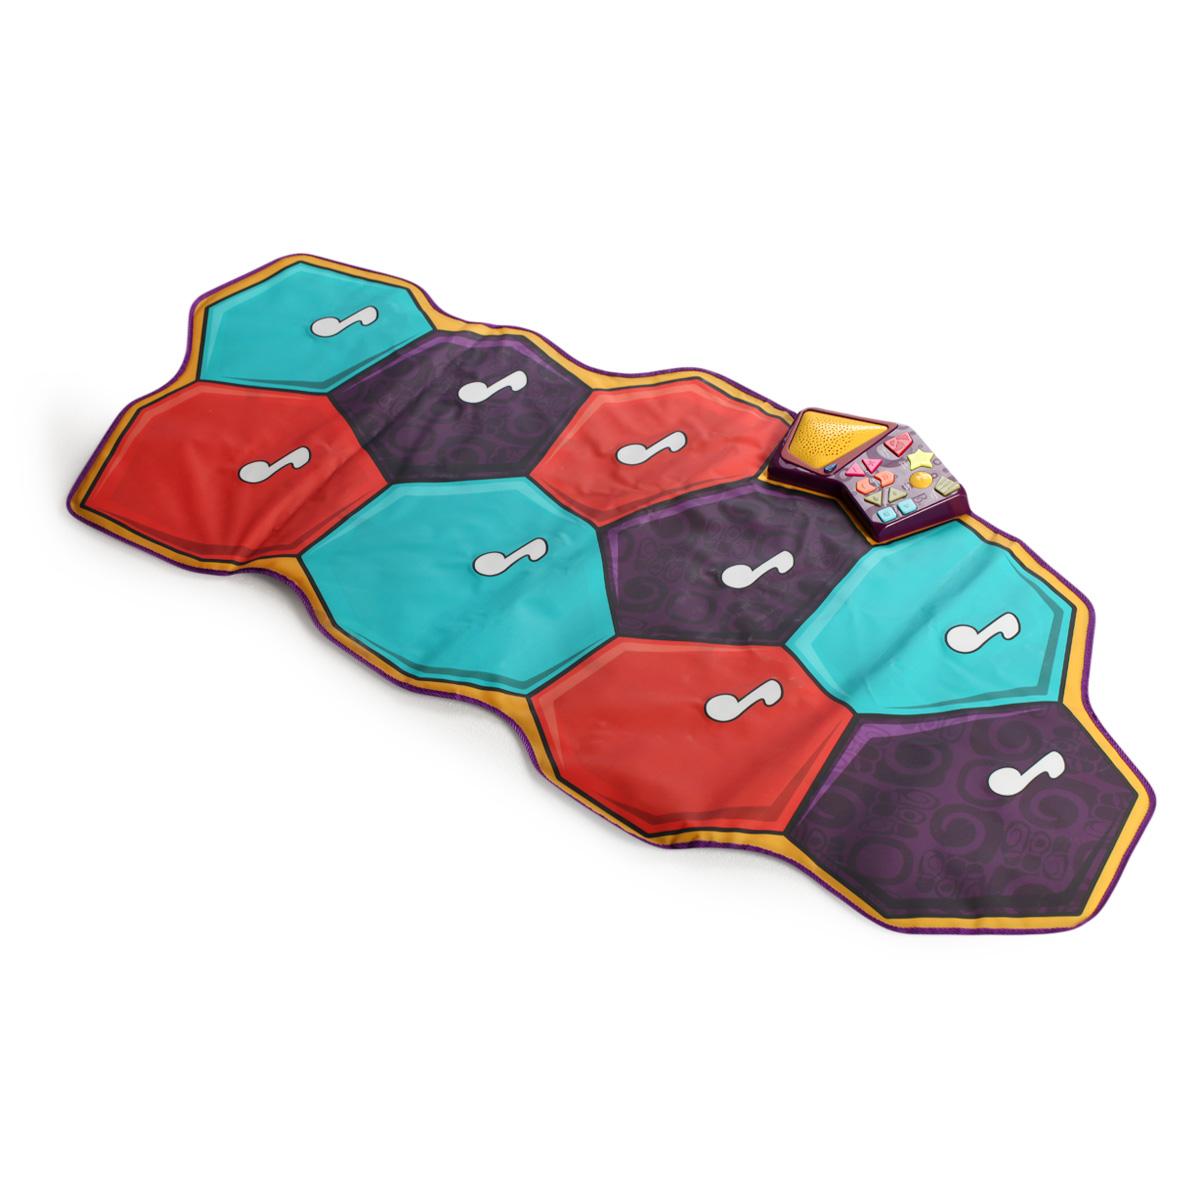 美国B.Toys音乐跳舞毯儿童游戏毯爬行垫宝宝室内运动益智发光玩具